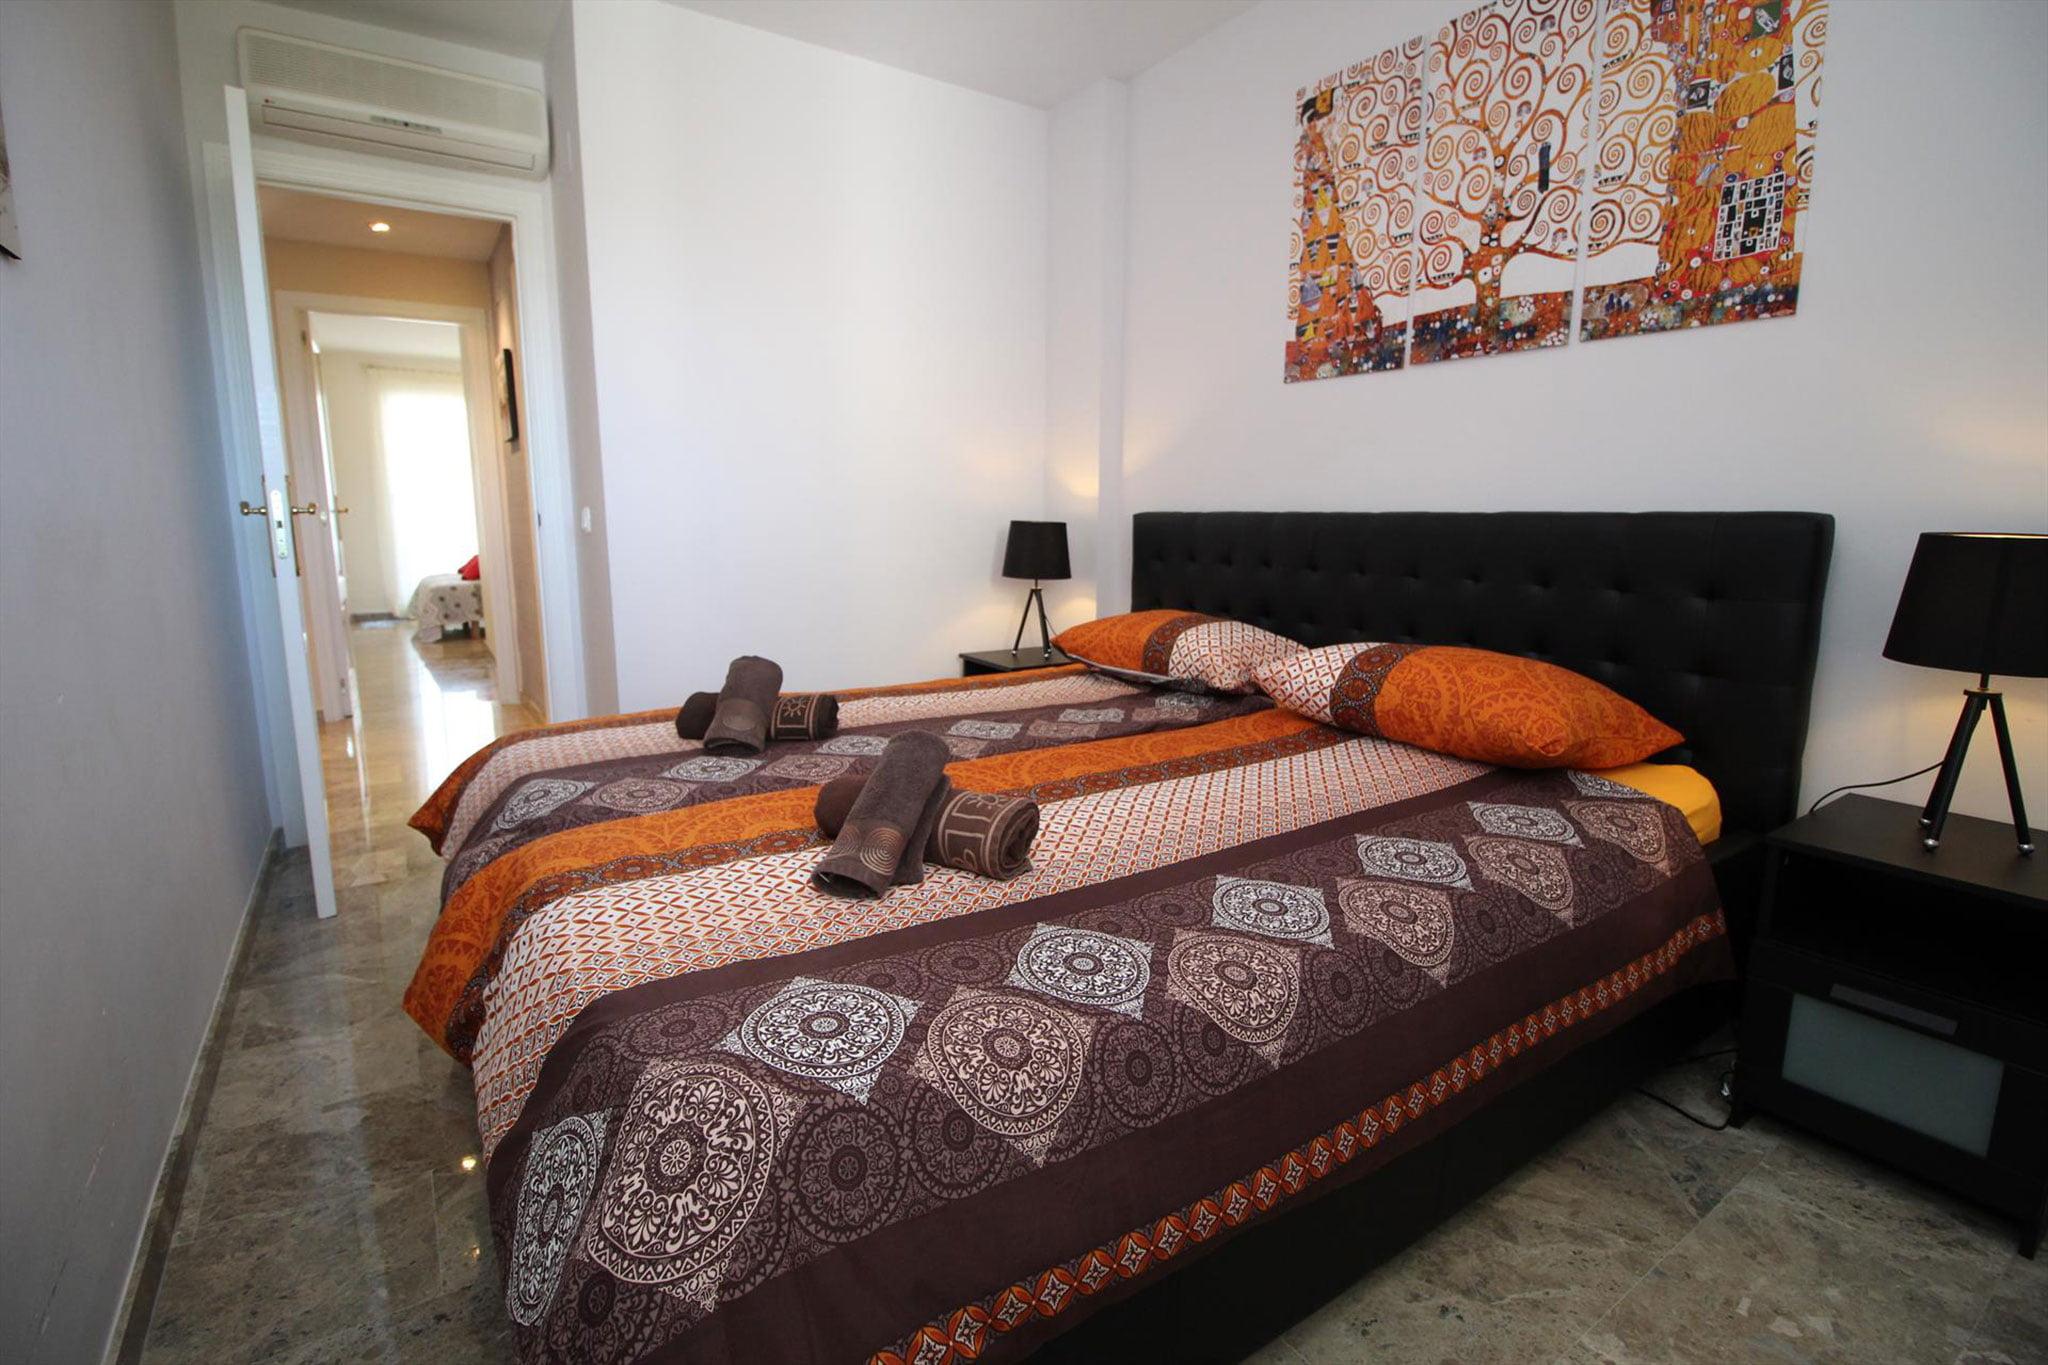 Habitación en un apartamento de vacaciones en Jávea – MMC Property Serivces